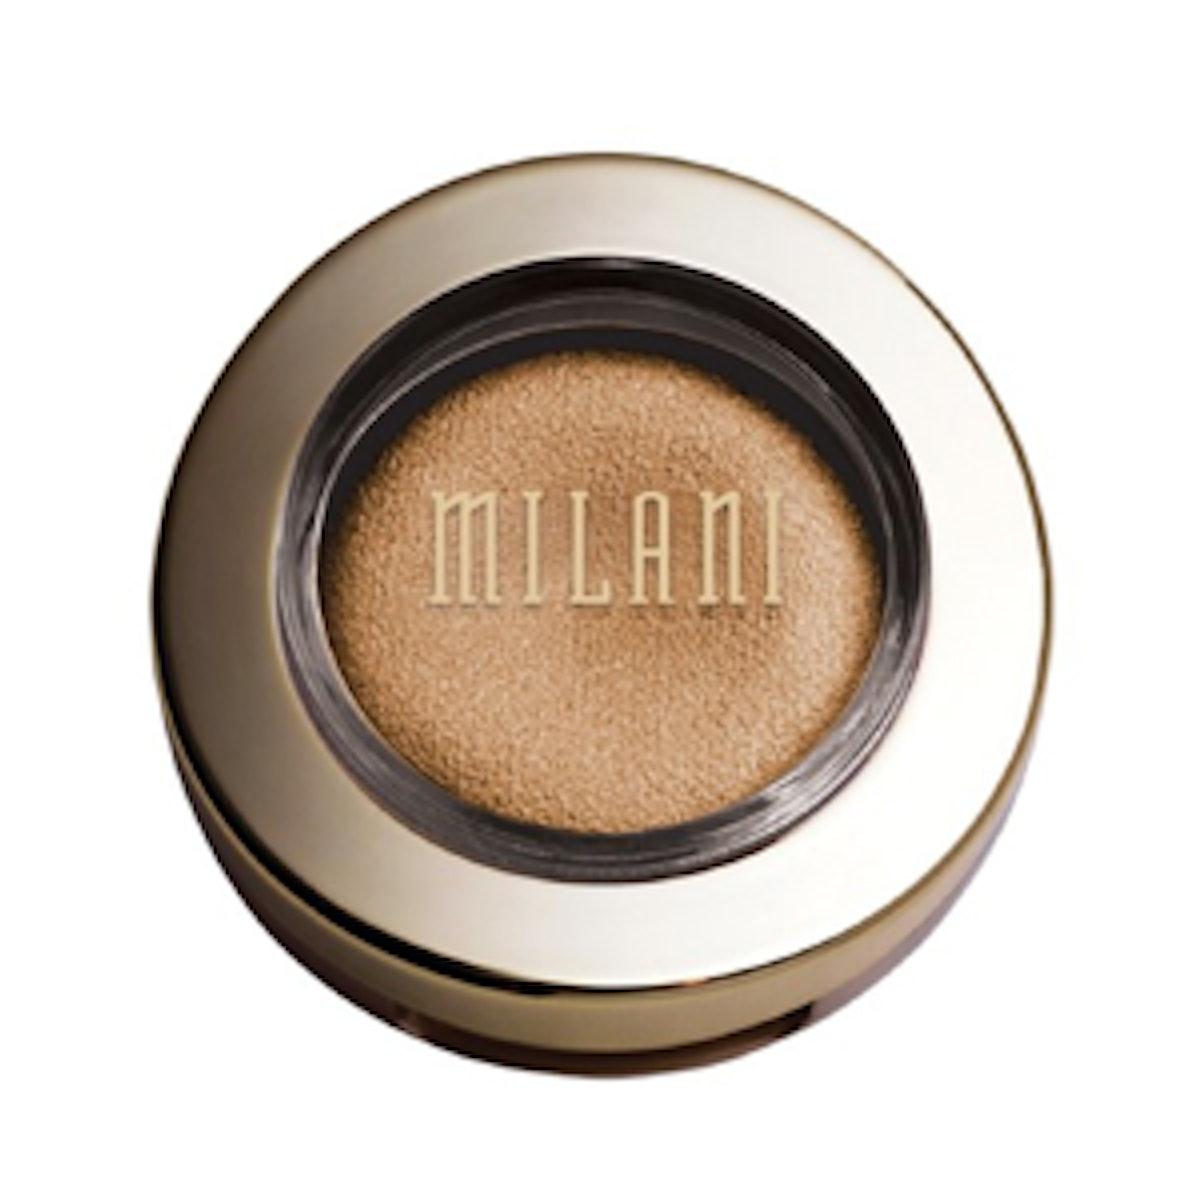 Gel Powder Eyeshadow in Bella Gold